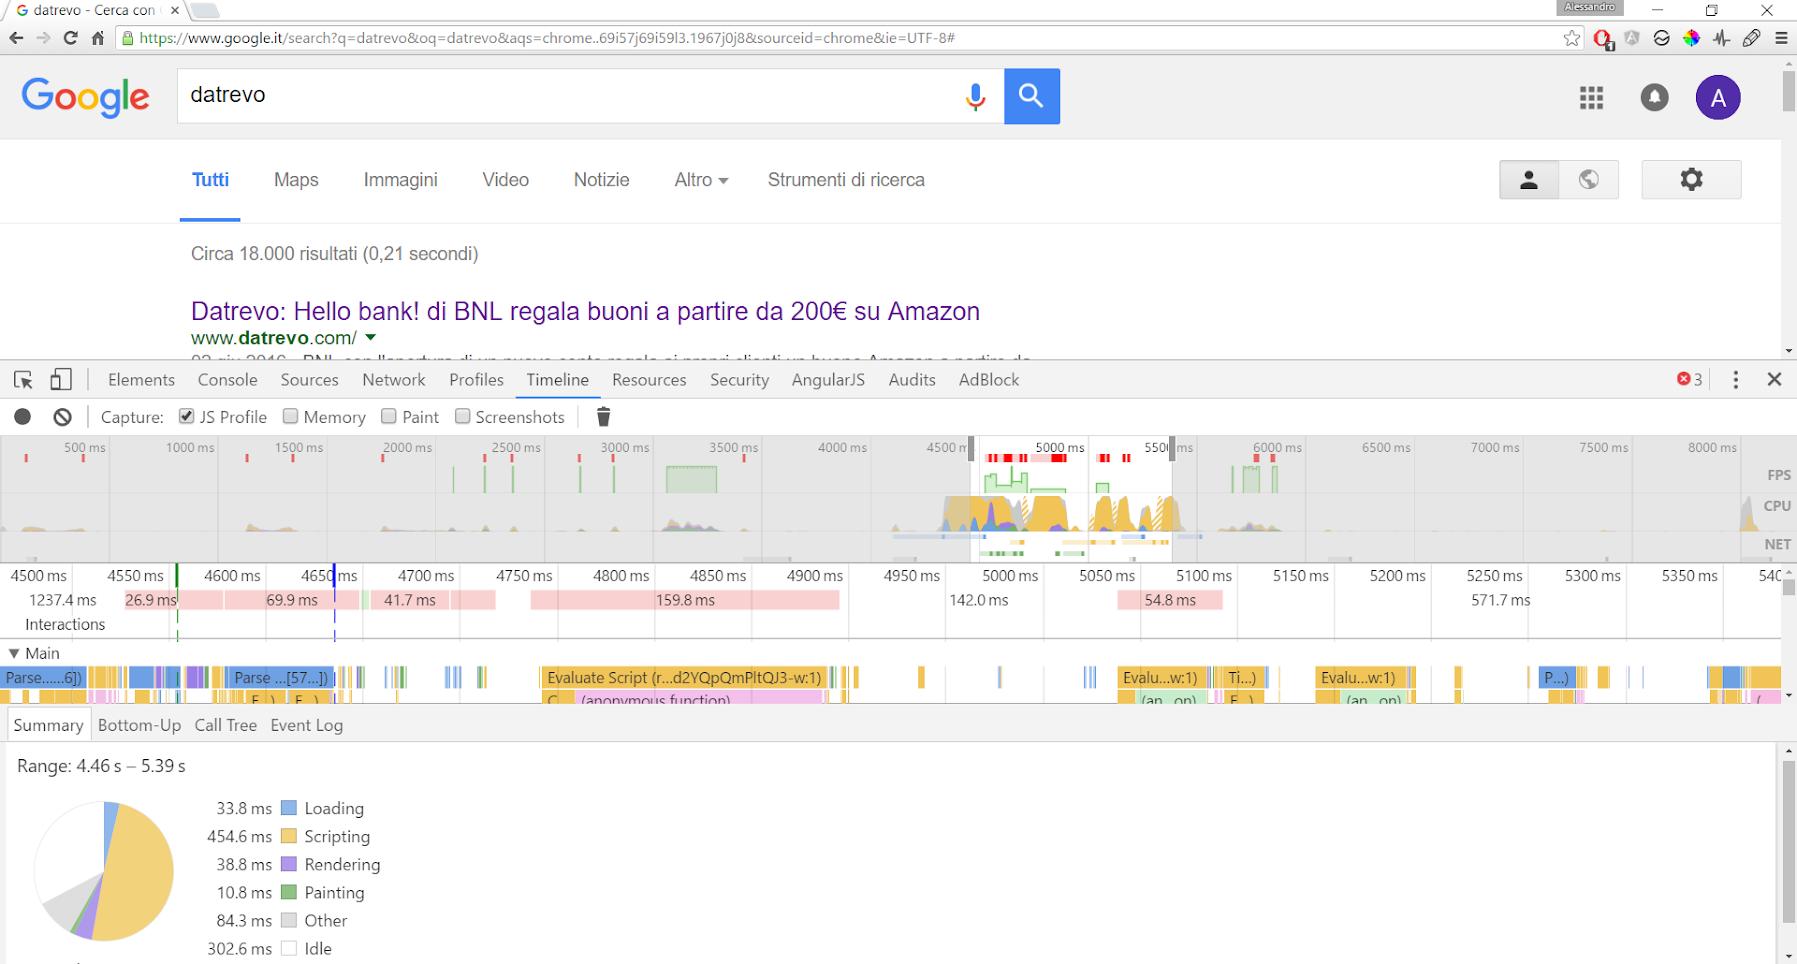 Google Developer Tools - Timeline